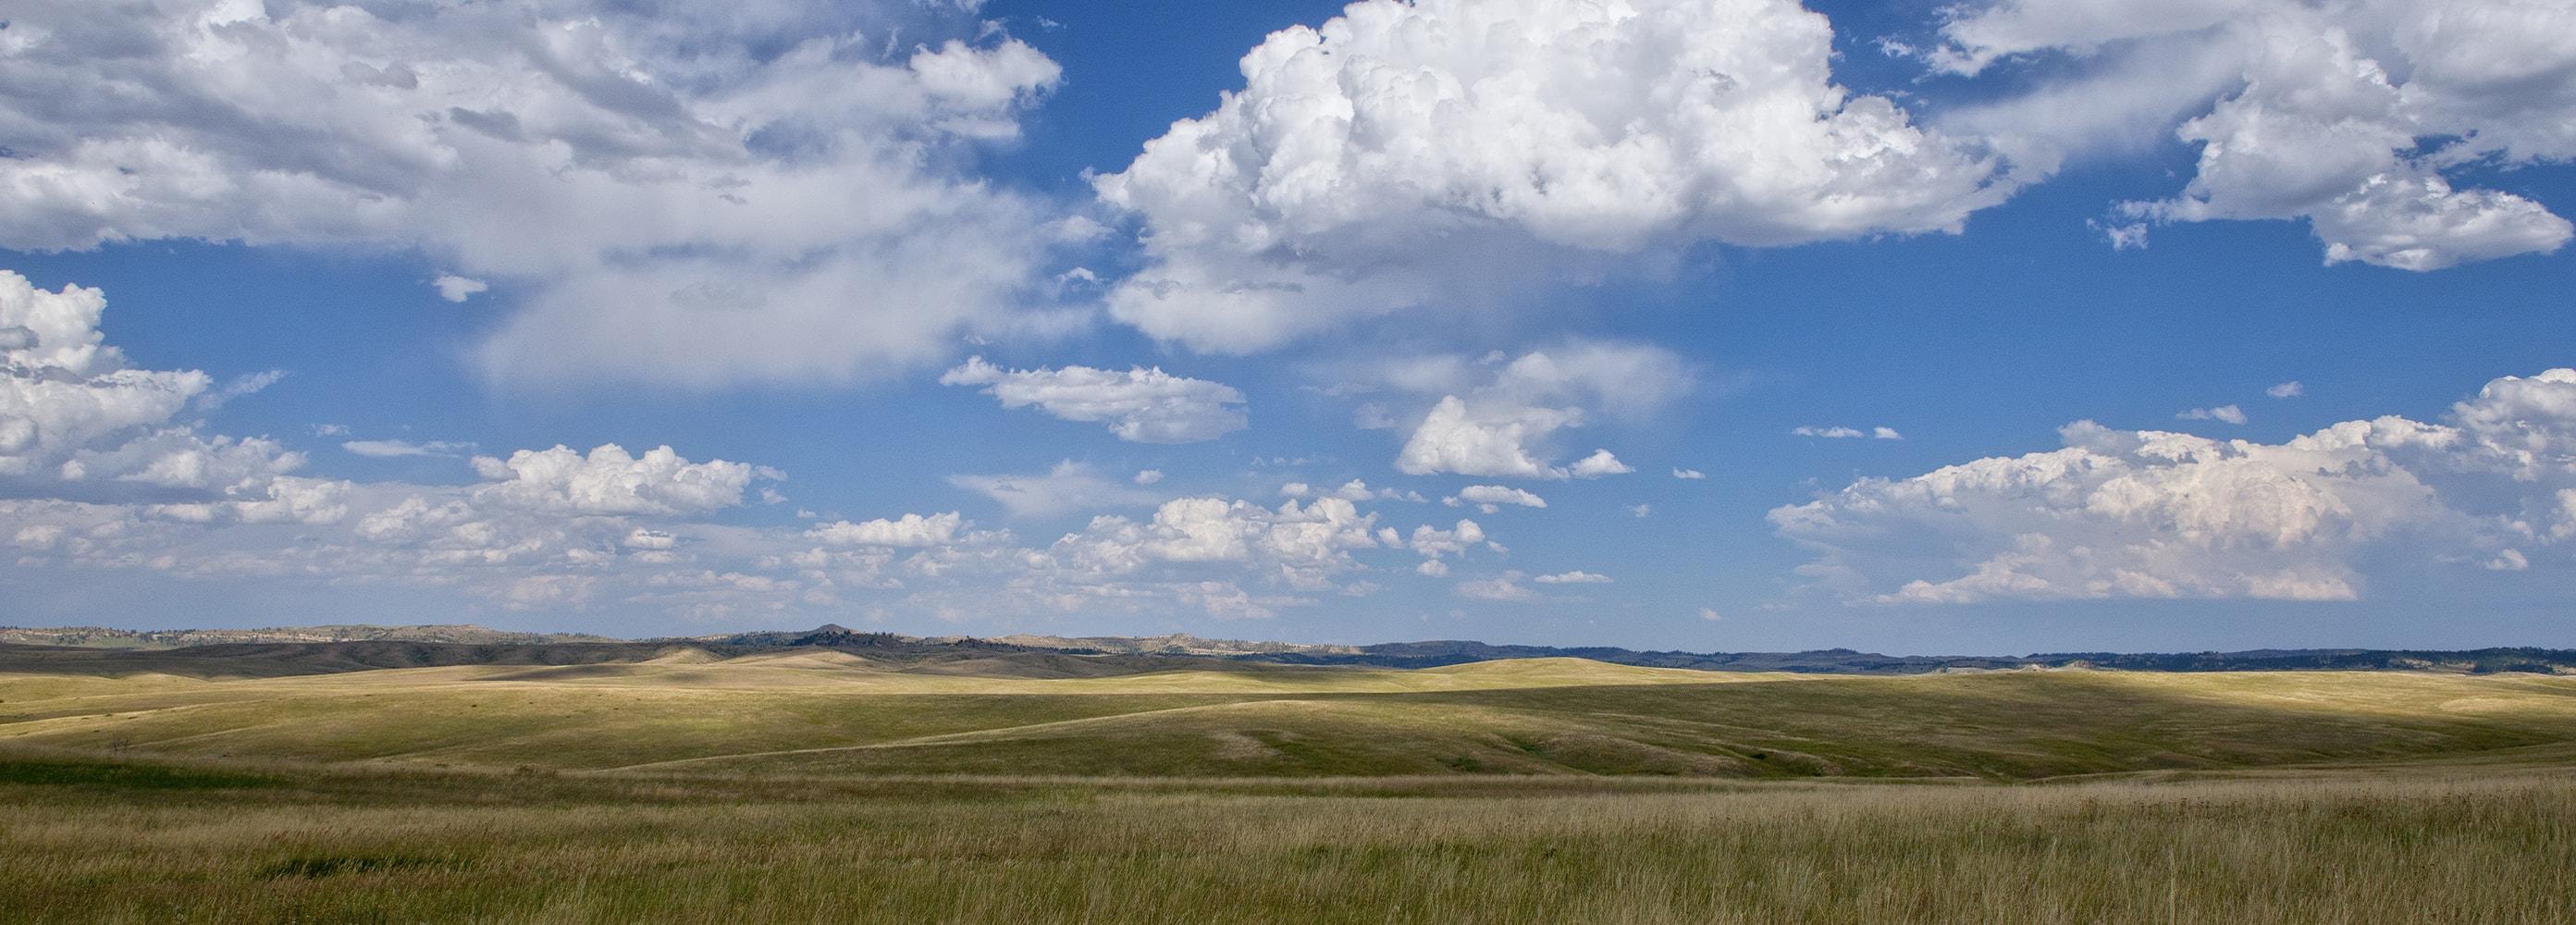 Landscape Little Big Horn